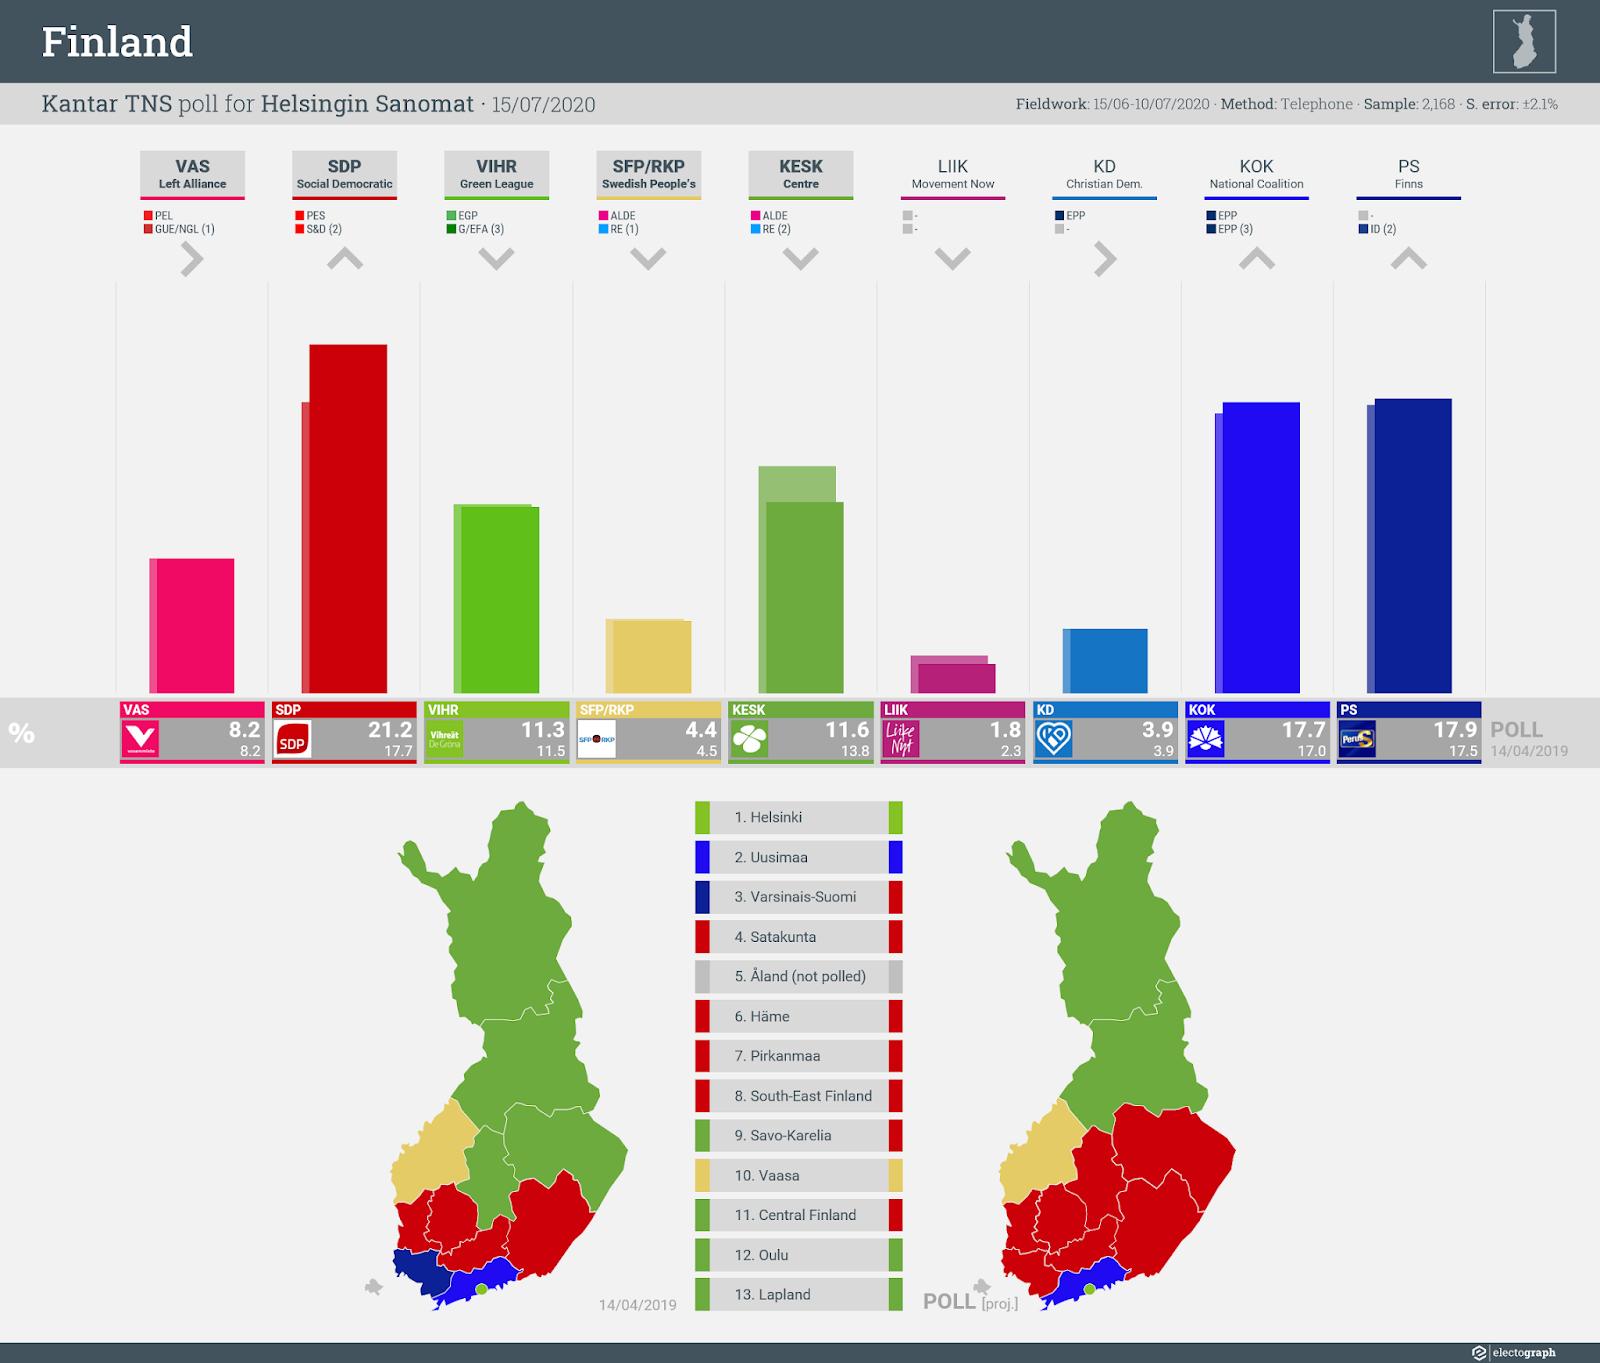 FINLAND: Kantar TNS poll chart for Helsingin Sanomat, 15 July 2020